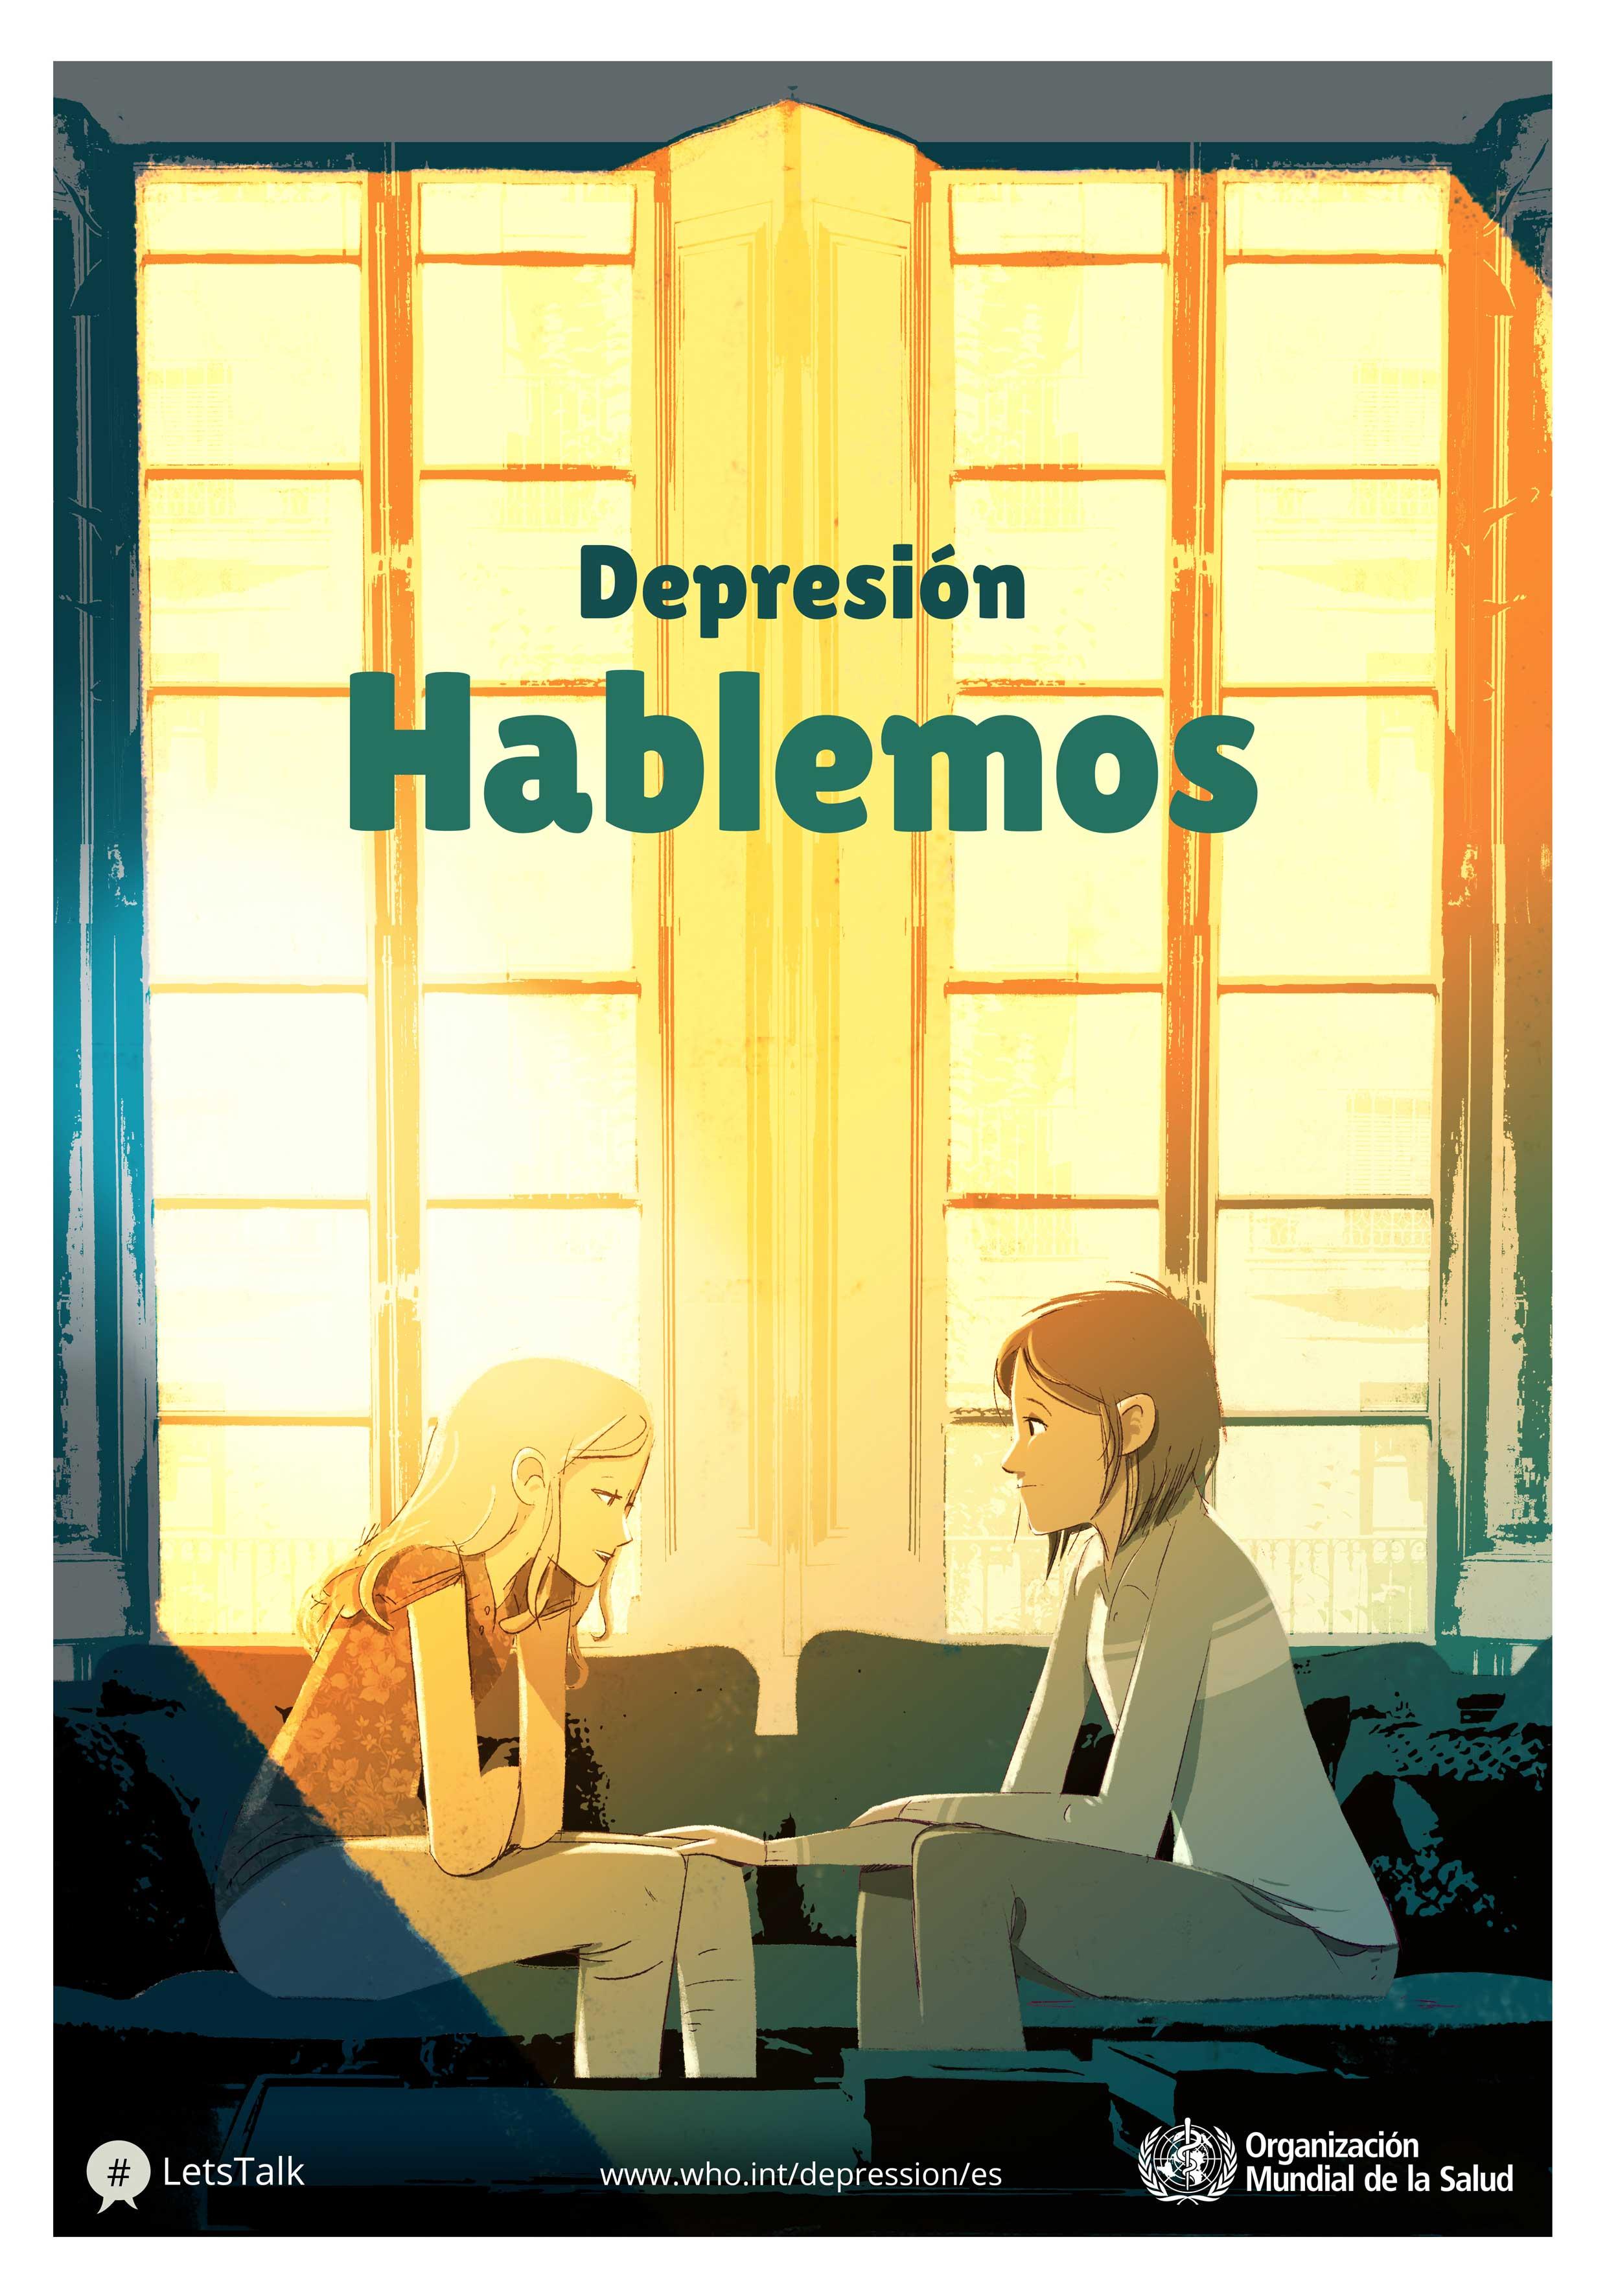 hablemos de la depresion